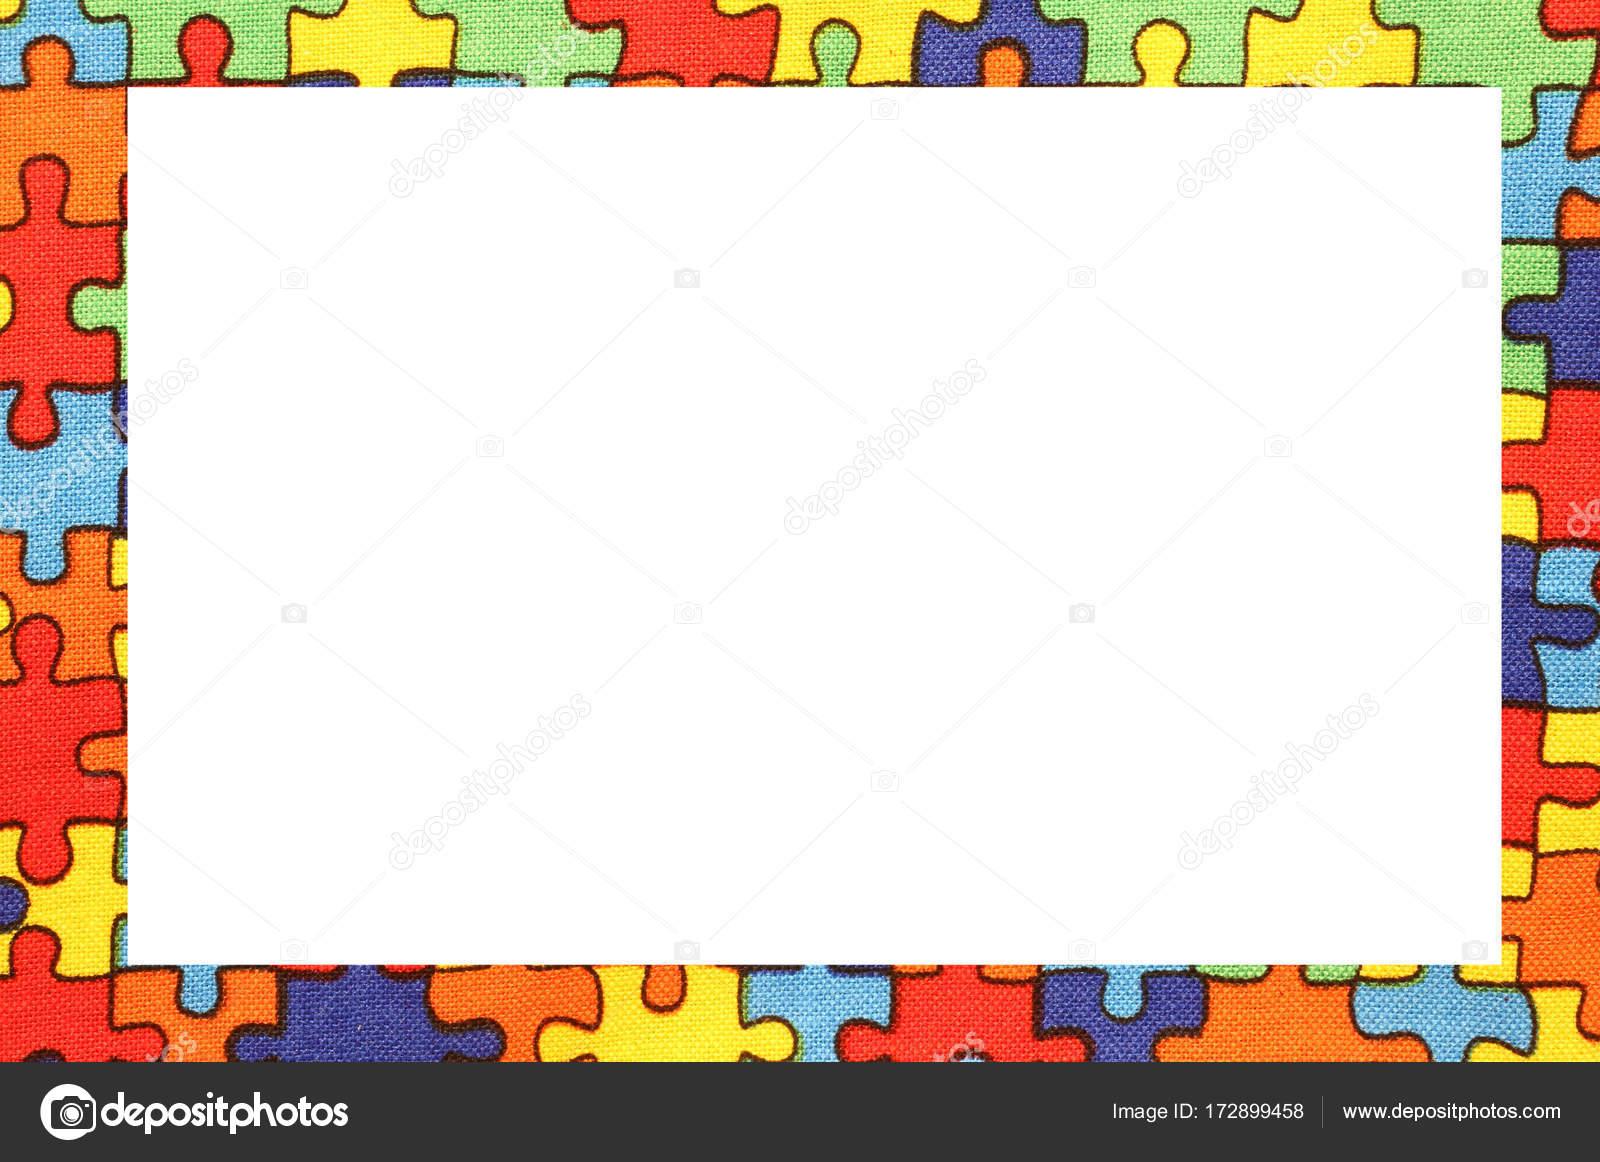 cuadro de piezas de rompecabezas de colores sobre tela de algodón ...